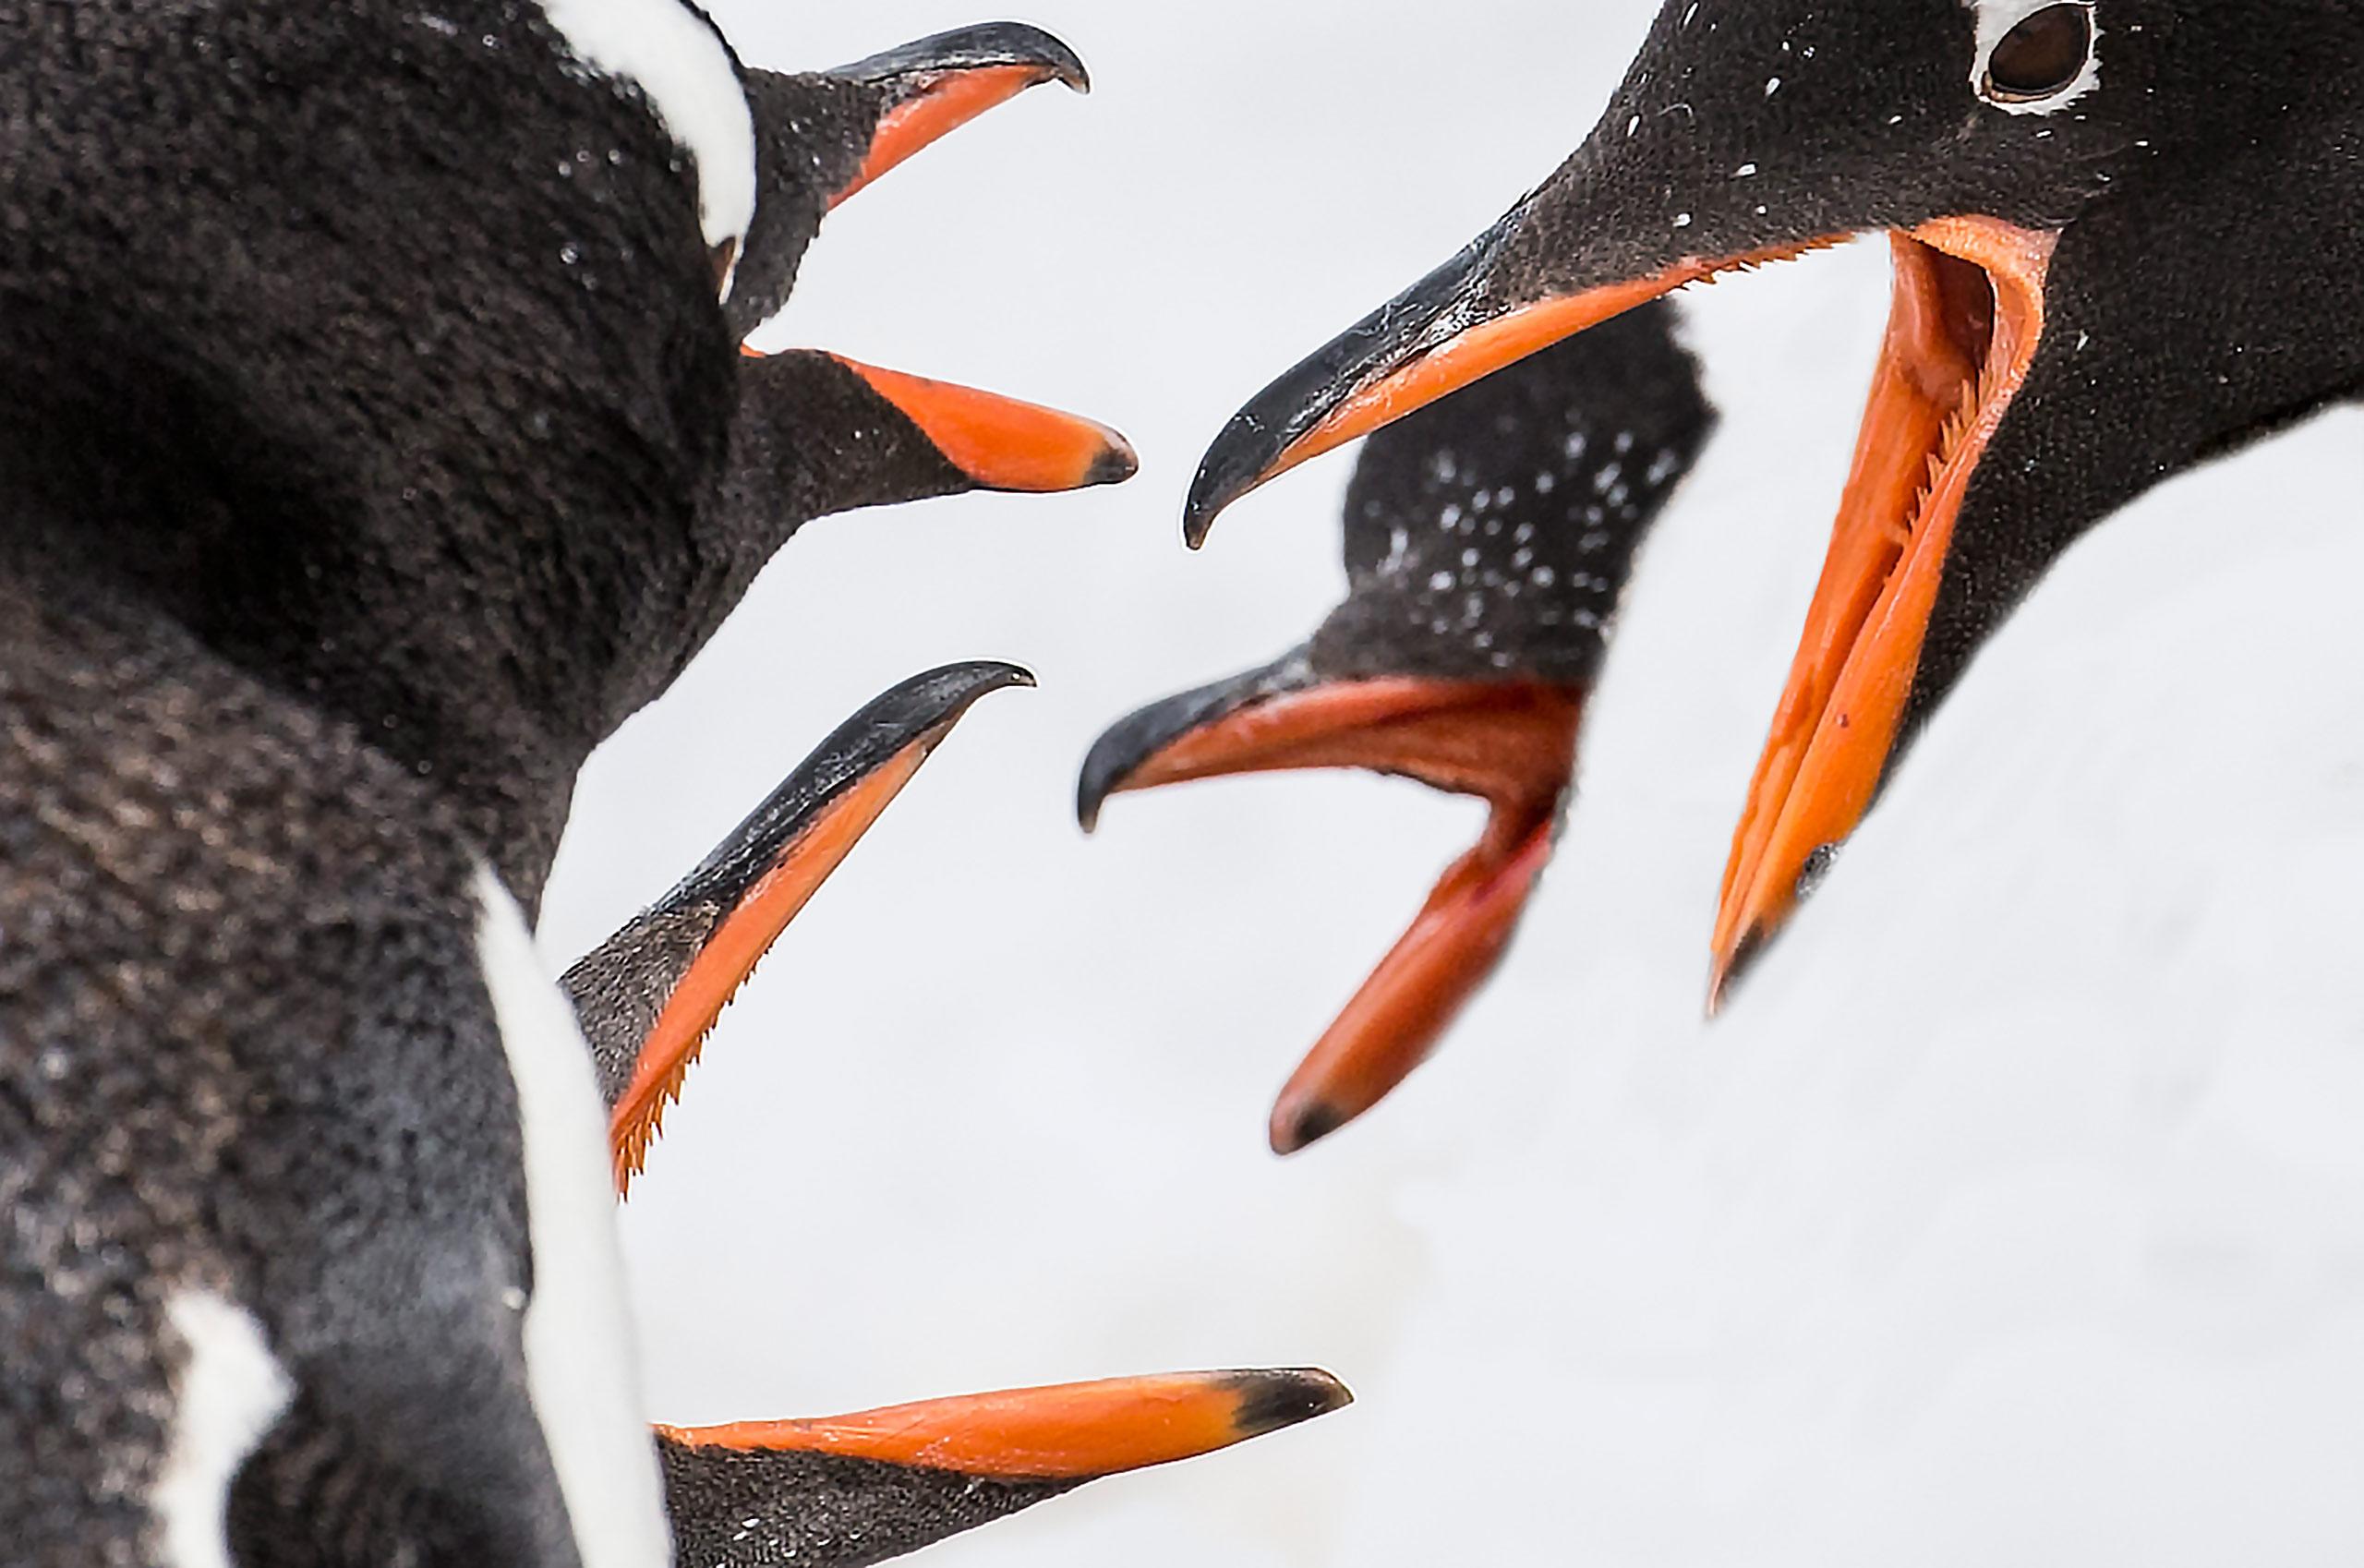 так этот фото рта пингвина знатный мистификатор